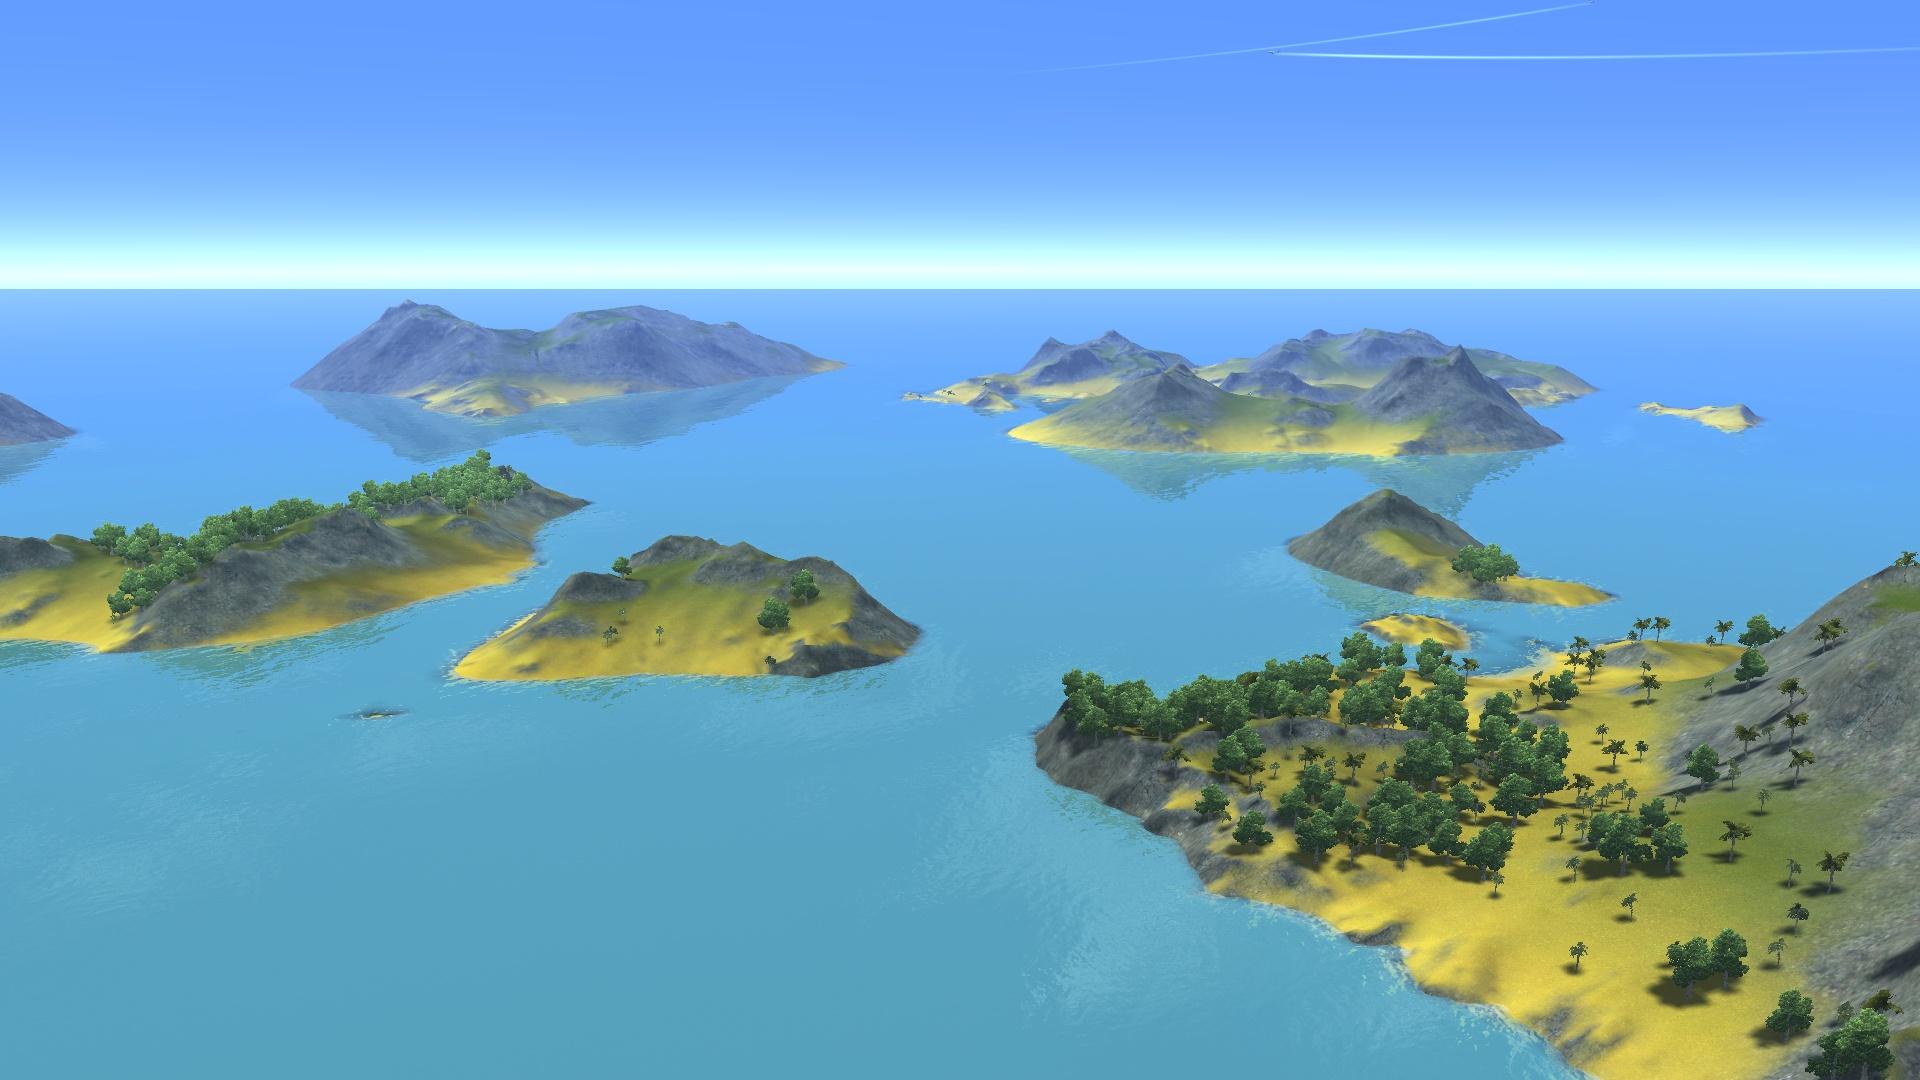 cxl_screenshot_islands_5.jpg